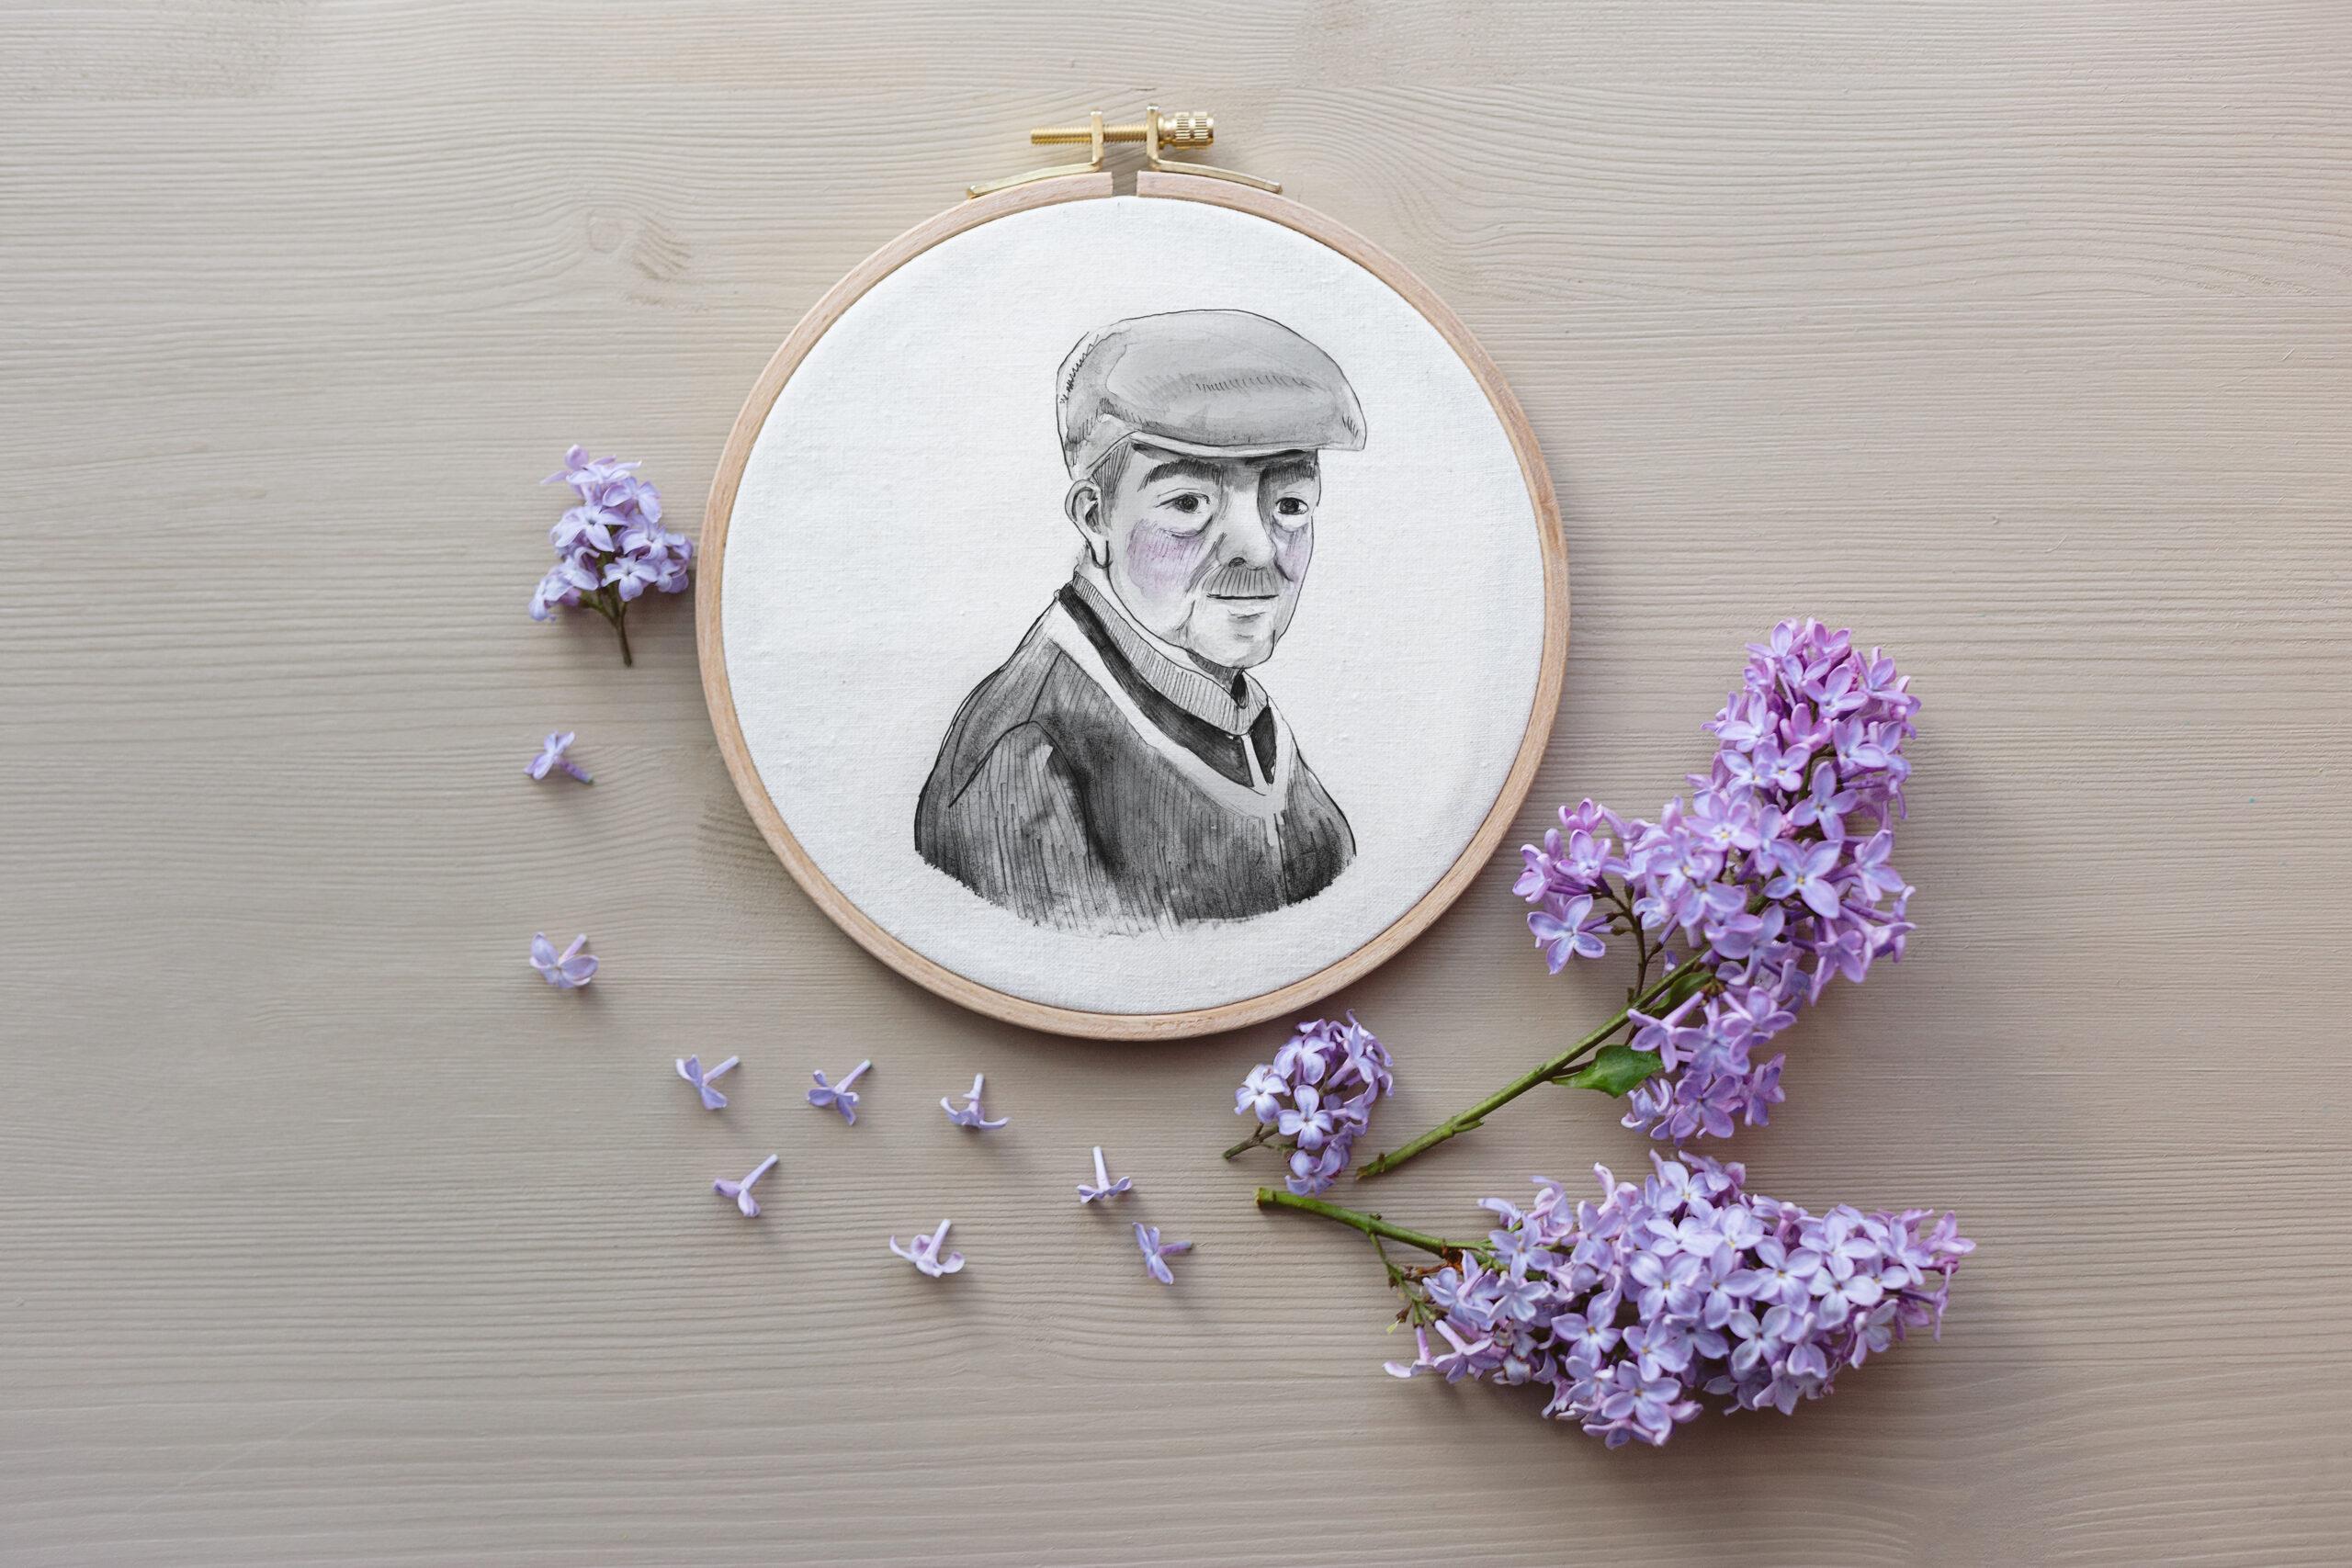 tambor de bordar con retrato de un abuelo con boina estilo dibujo trazos blanco y negro con flores de decoracion